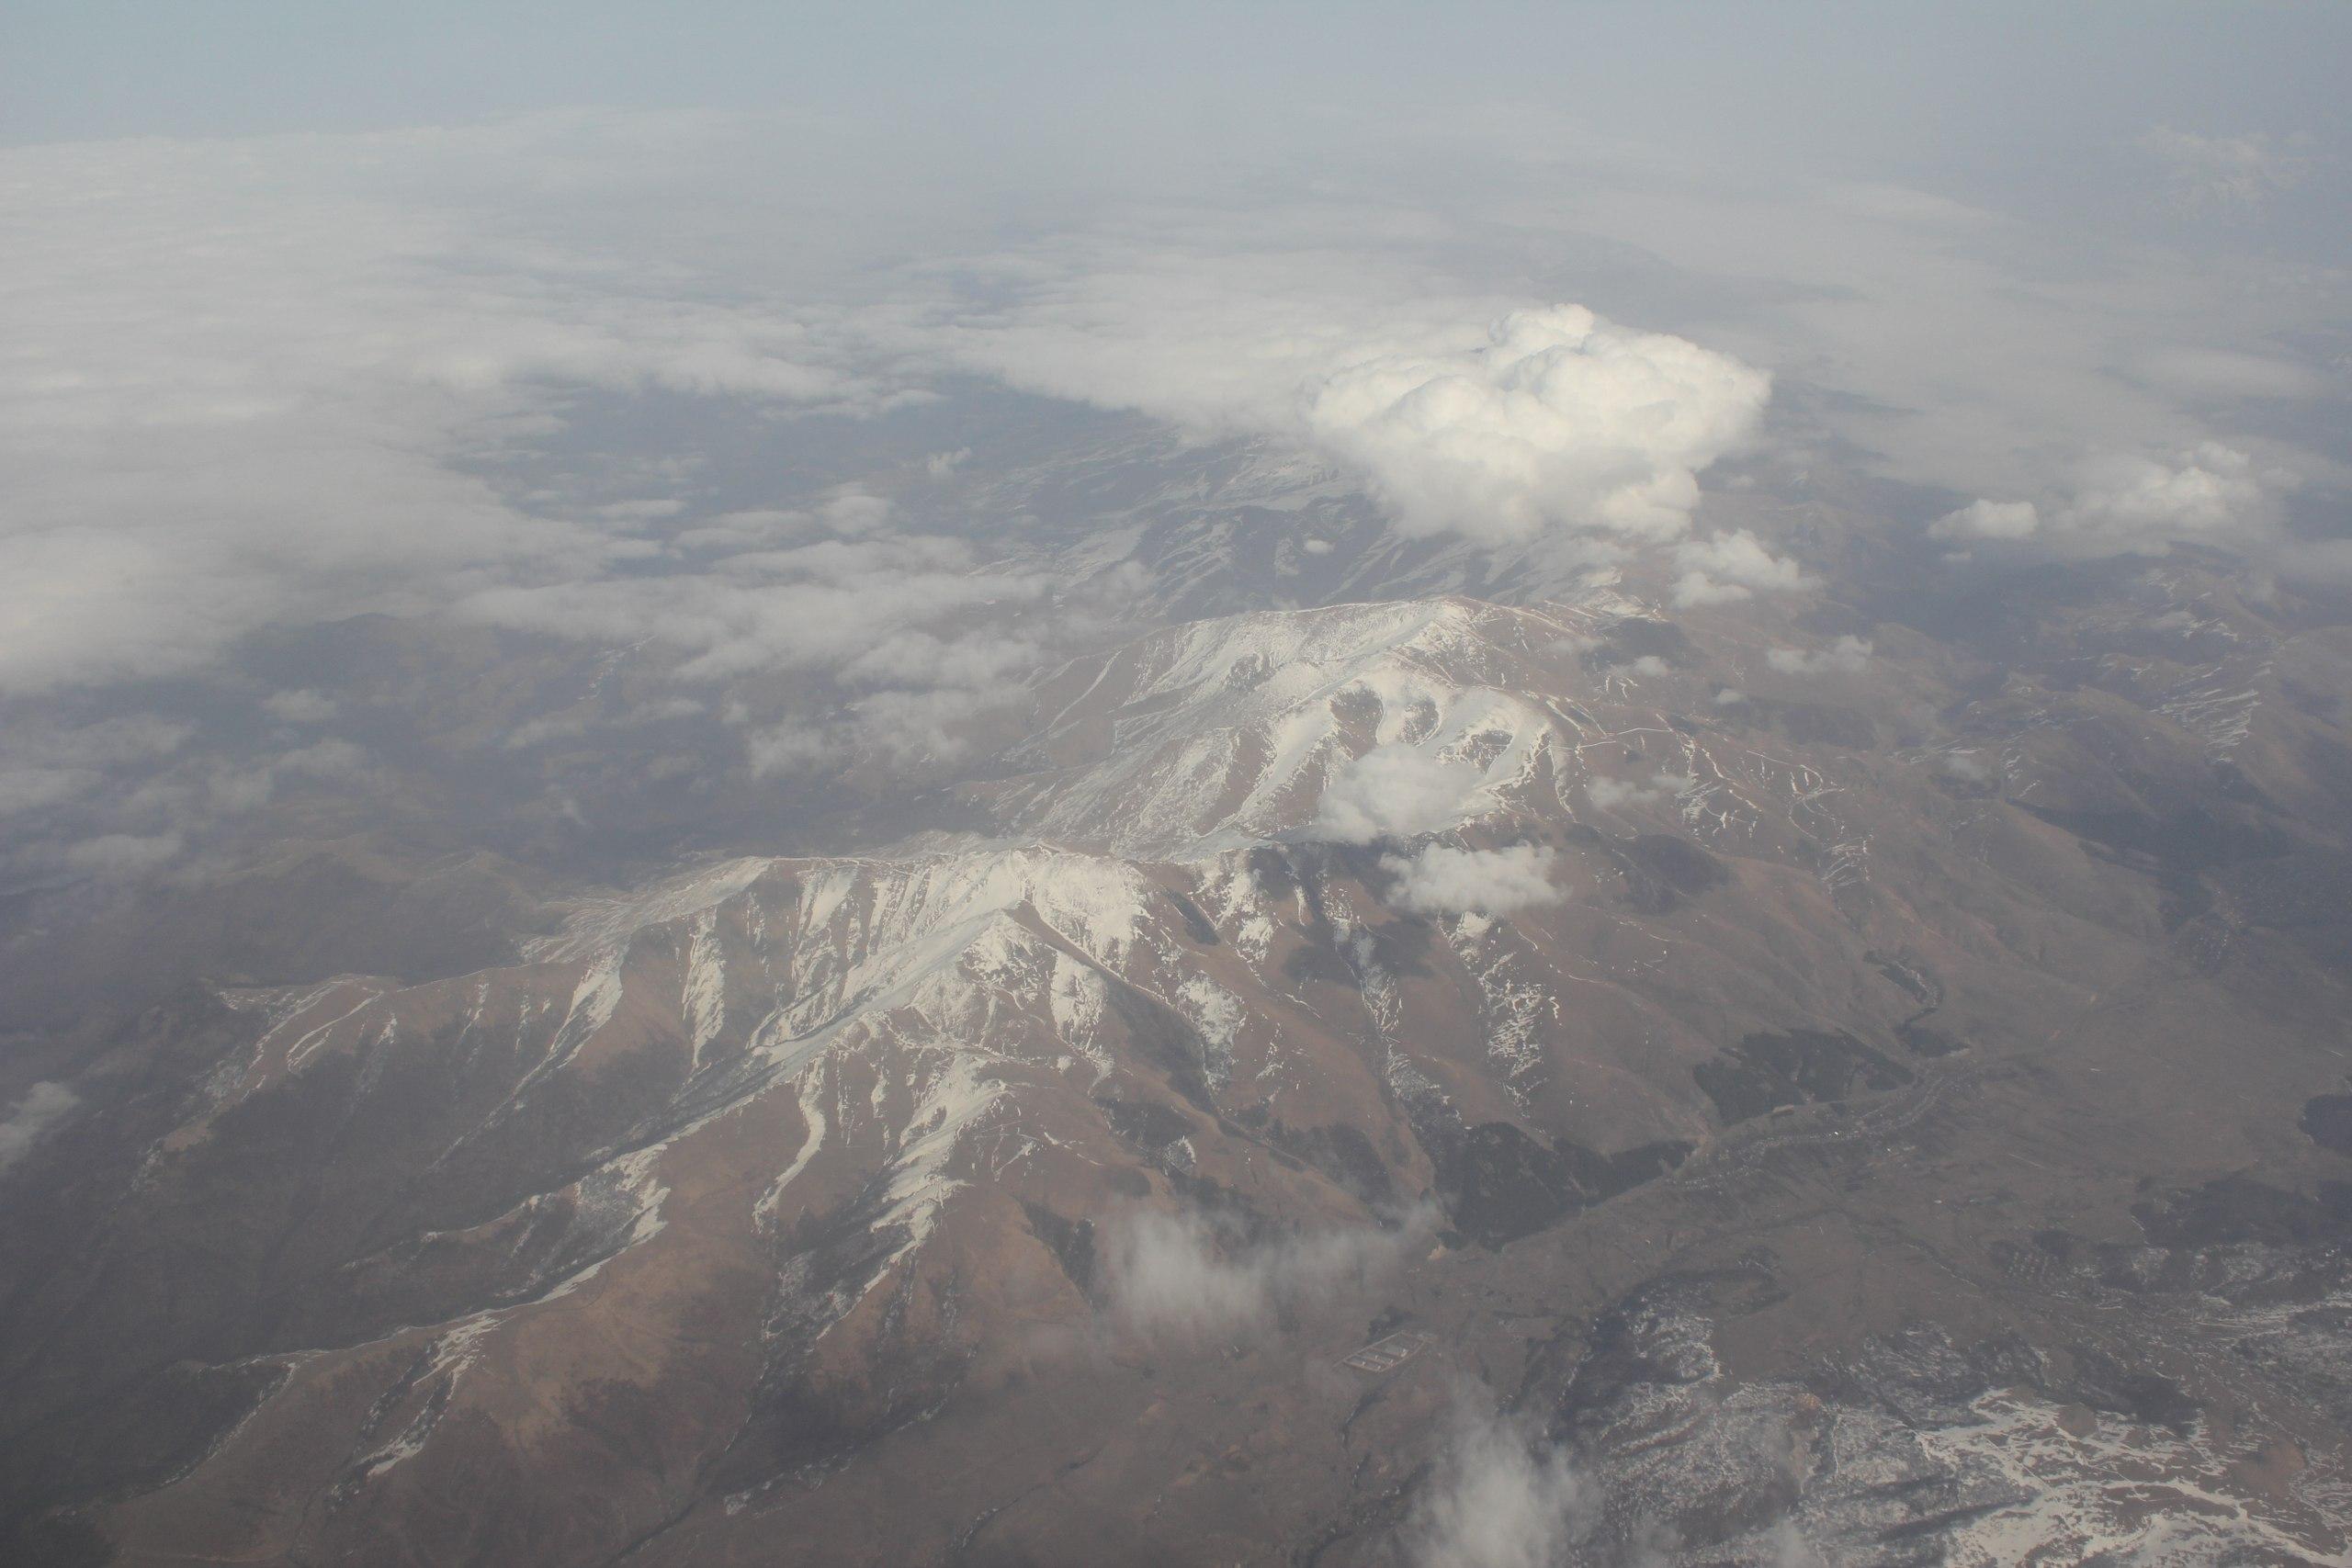 пролетая армению из самолета фото